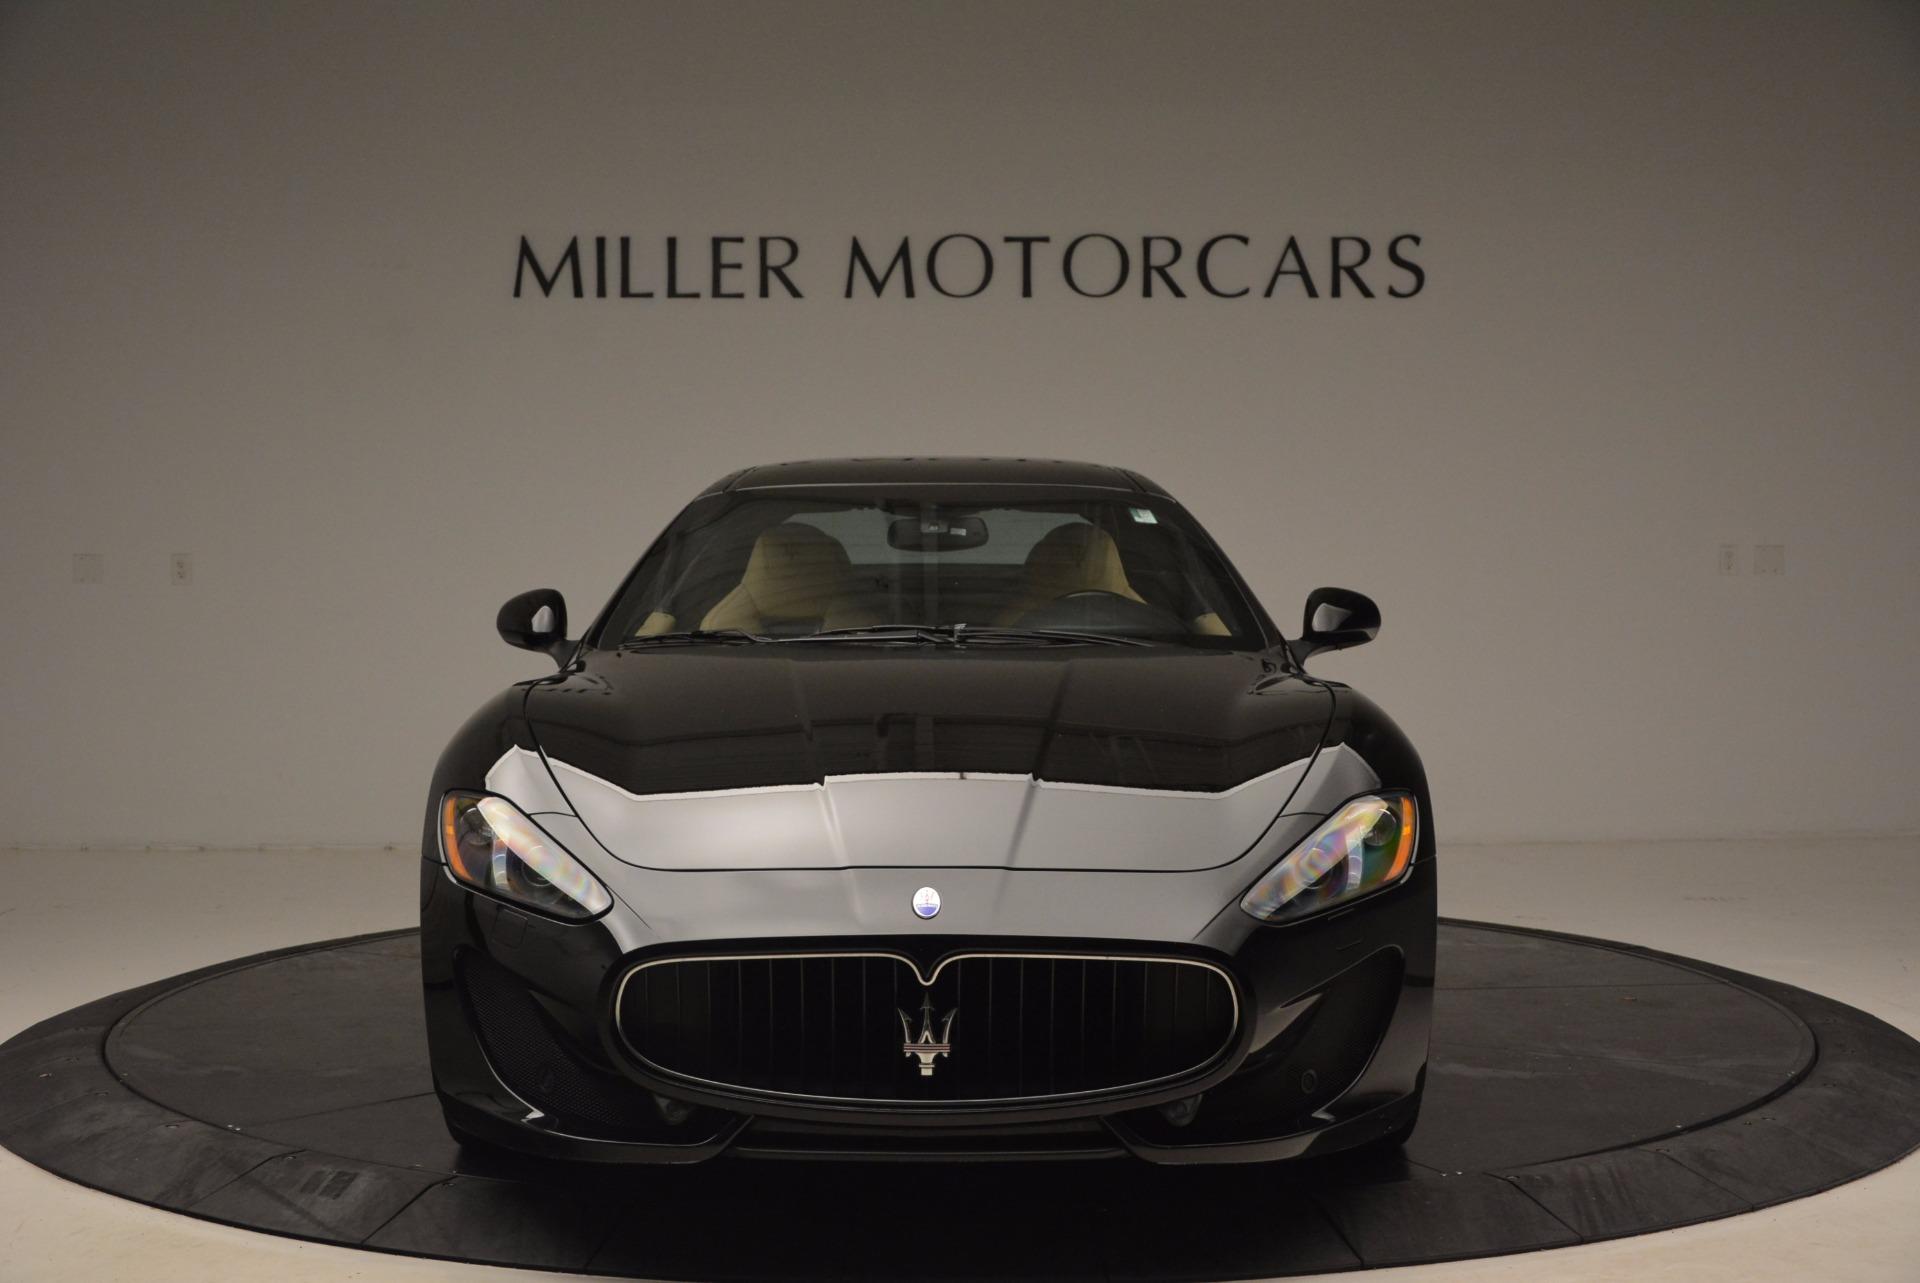 Used 2015 Maserati GranTurismo Sport Coupe For Sale In Greenwich, CT 1557_p12